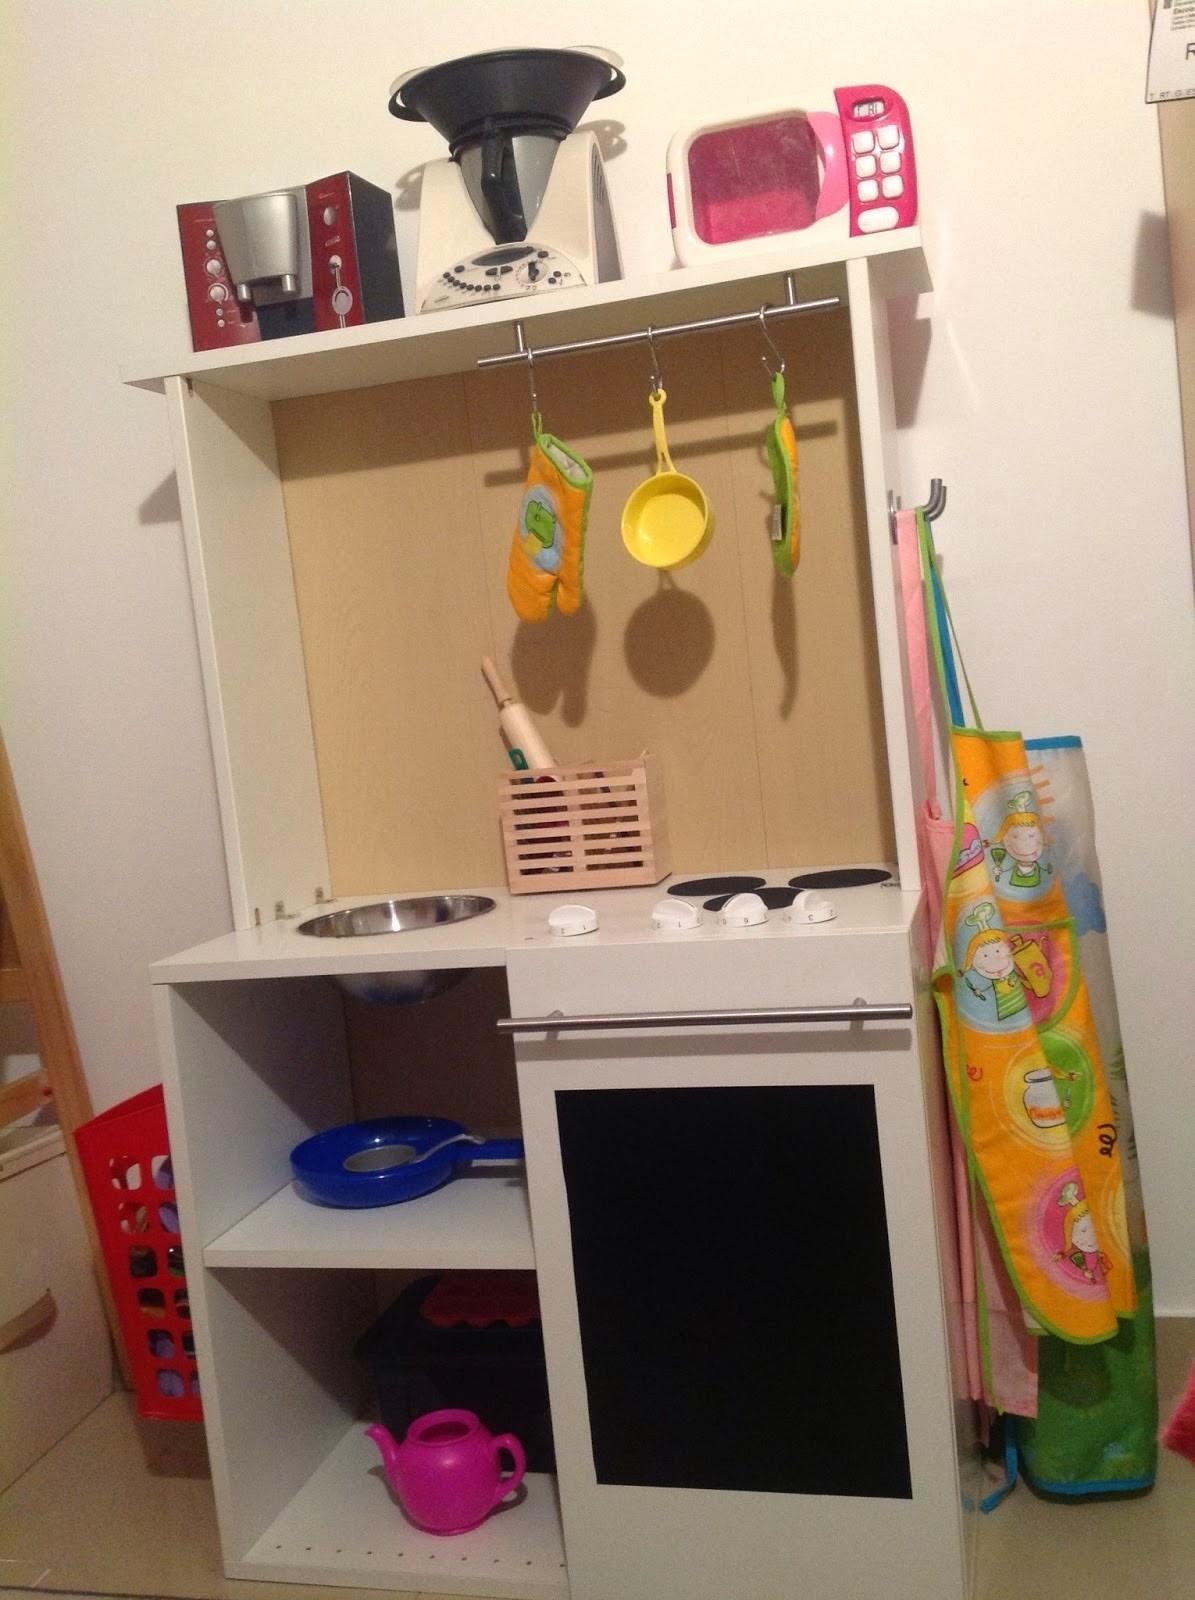 Una cocina de juguete en un mueble faktum mi llave allen - Cocinas de madera para ninos ikea ...